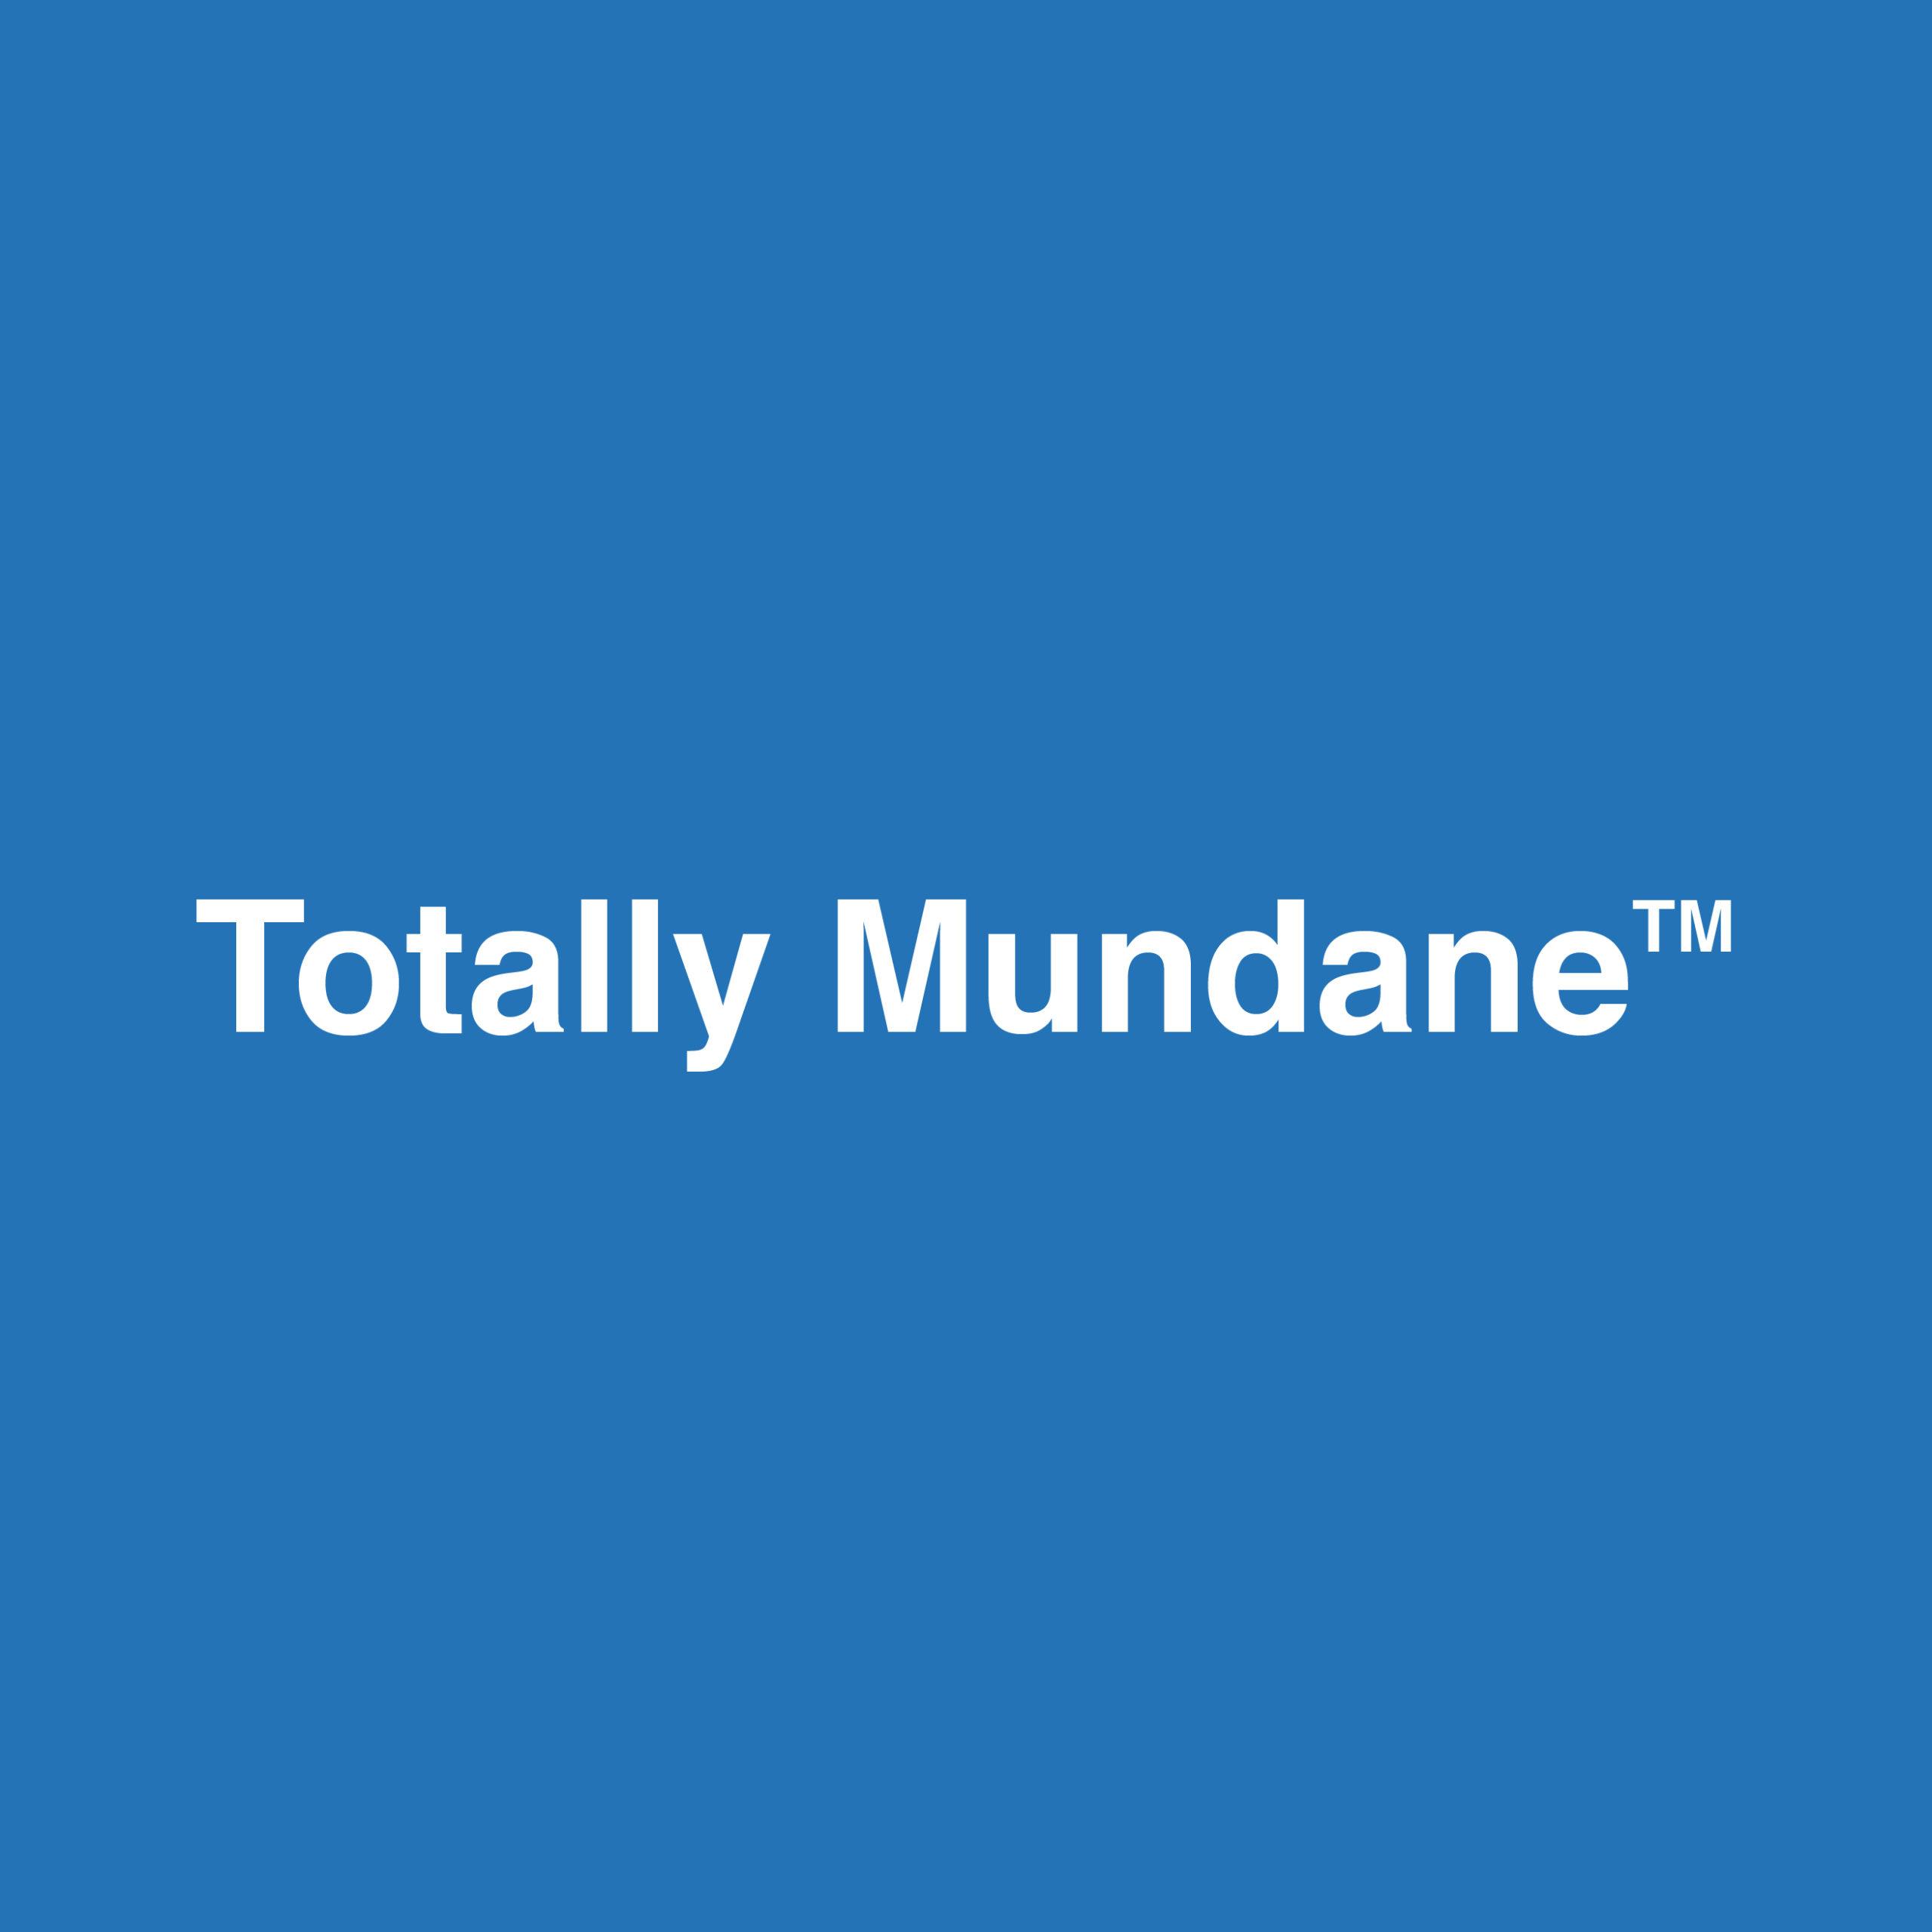 Totally Mundane Thumbnail